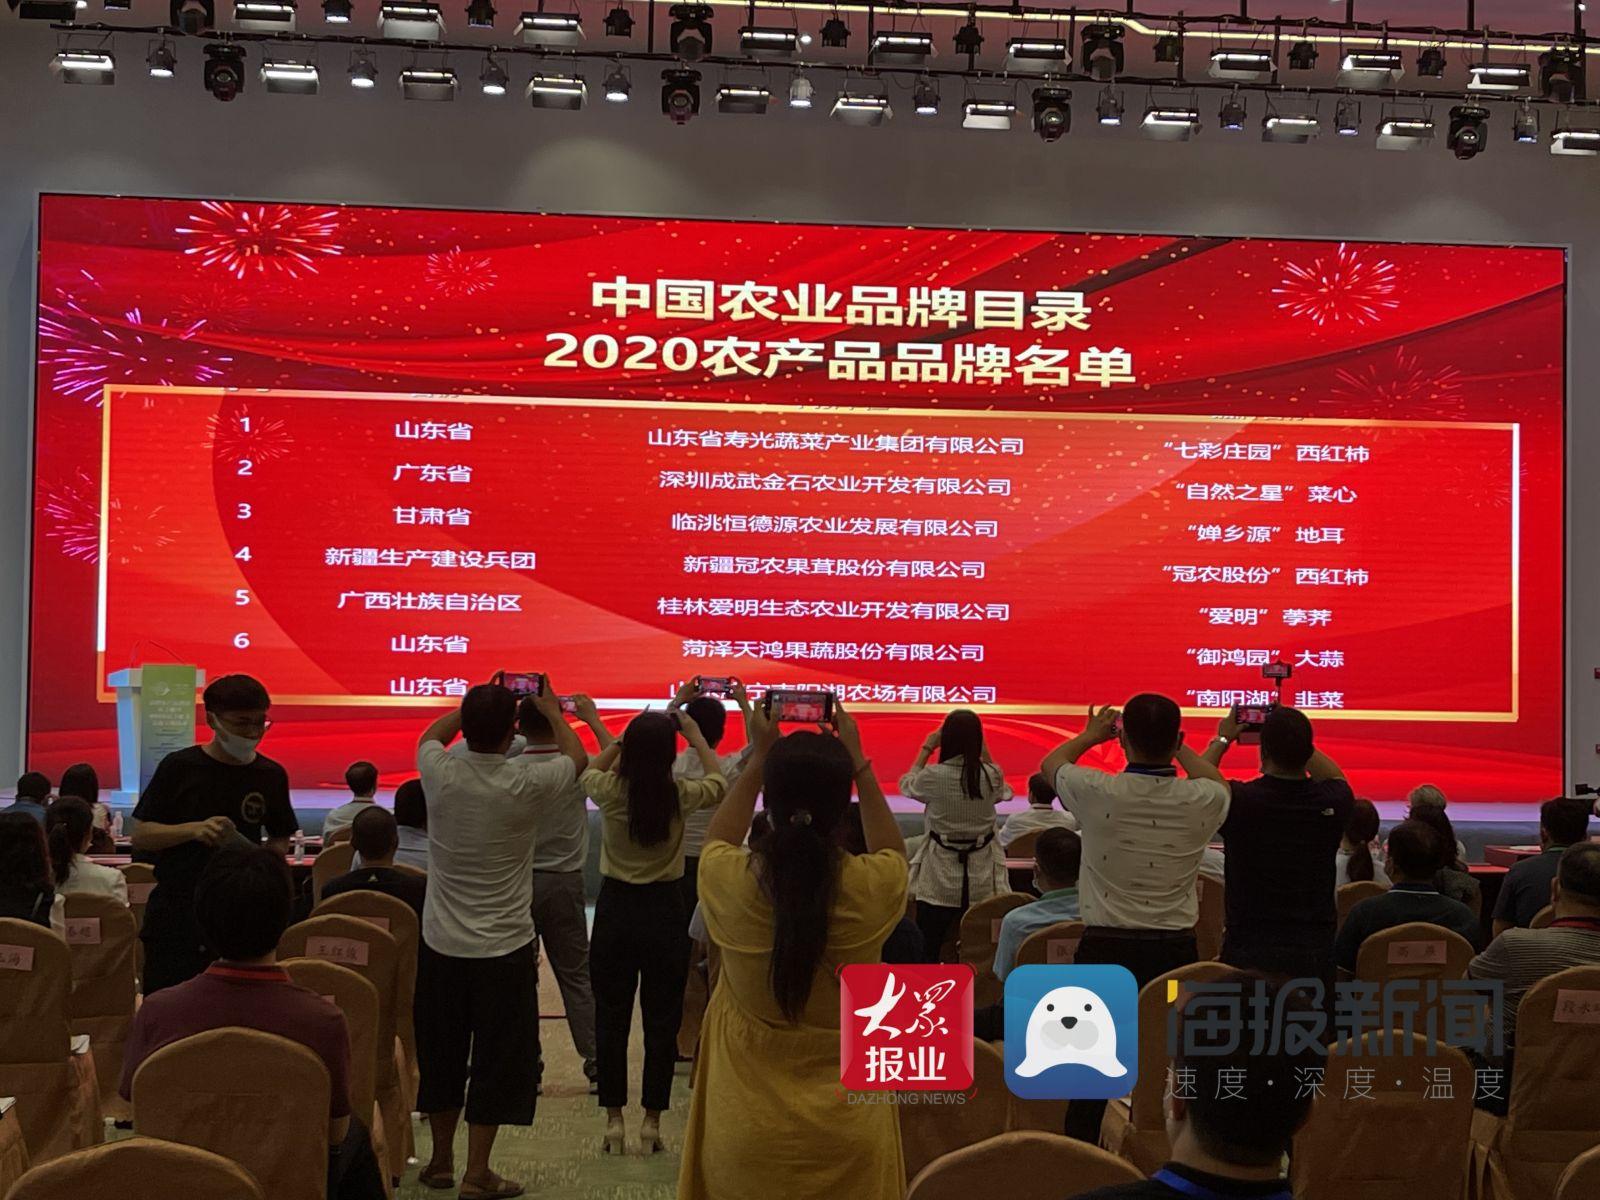 108個農產品品牌入選 中國農業品牌目錄2020農產品品牌在青島發佈